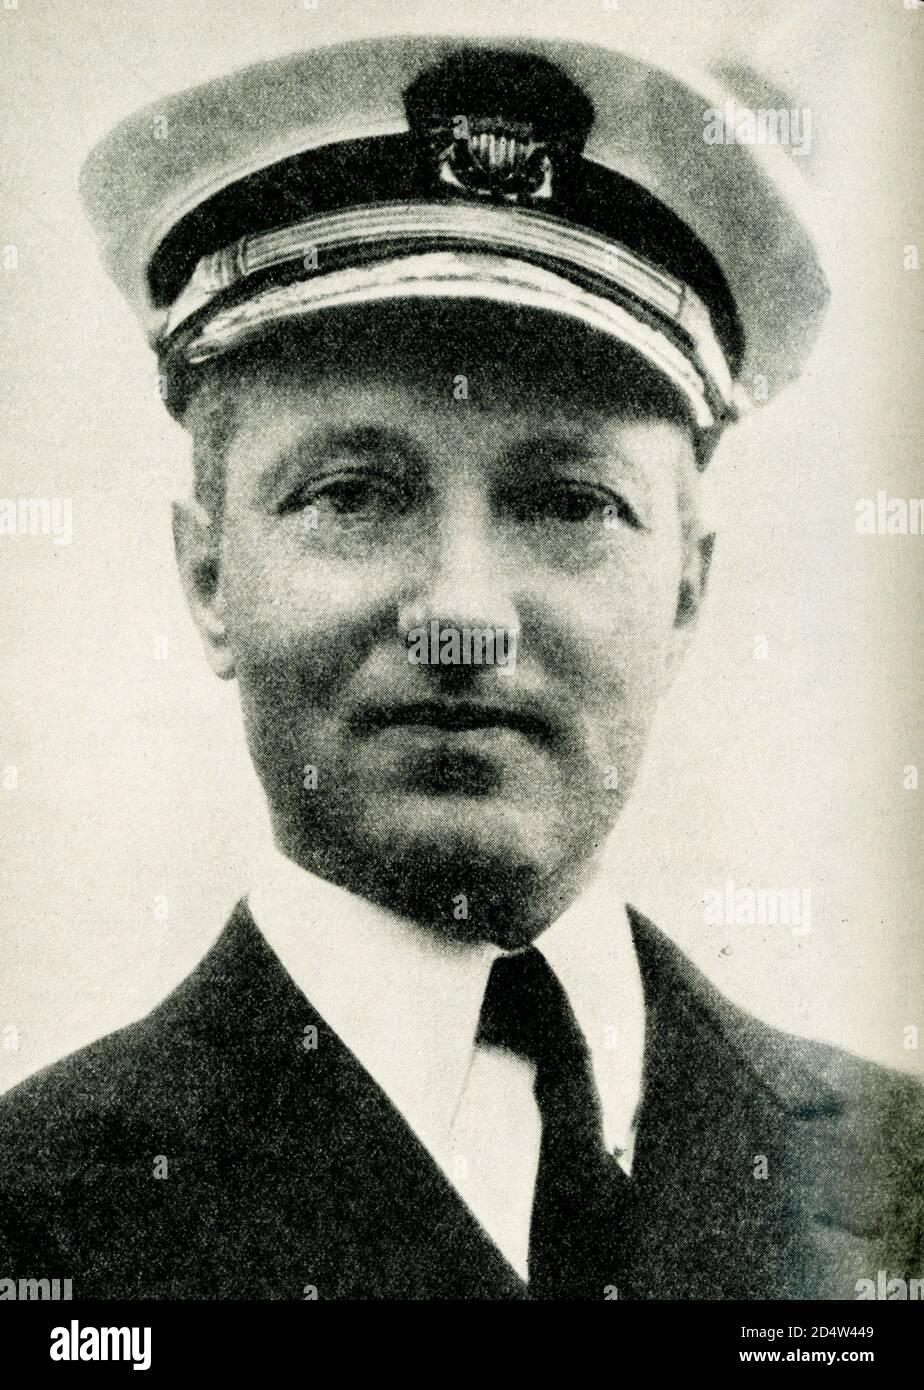 La légende contemporaine se lit comme suit : le chef de la dernière expédition en Antarctique. Cette photographie du commandant Richard E Byrd a été prise à bord du baleinier C A Larsen alors qu'il a déposé l'ancre dans le port de Wellington, en Nouvelle-Zélande, alors qu'il était en route vers l'Antarctique au début de 1929. L'expédition Byrd compte un personnel de 64 hommes, avec plus de 80 chiens, et est équipée d'avions, d'appareils radio et de tous les dispositifs de moern. Une base a été établie sur la baie des baleines, dans la mer de Ross. Banque D'Images